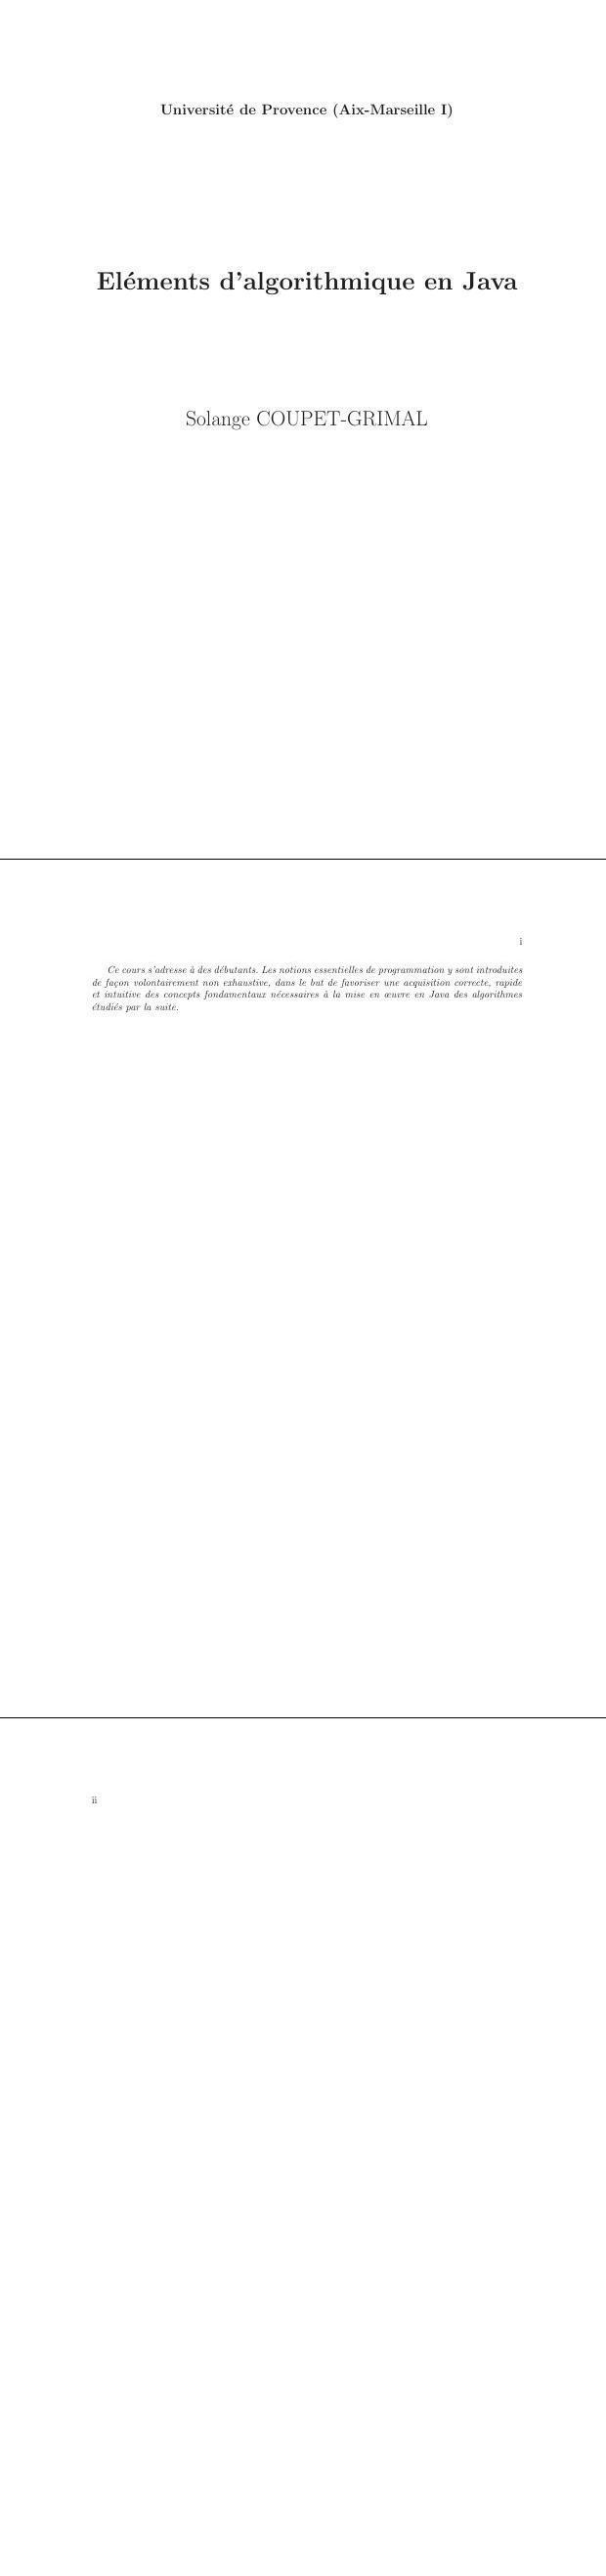 pdf elements d algorithmique en java